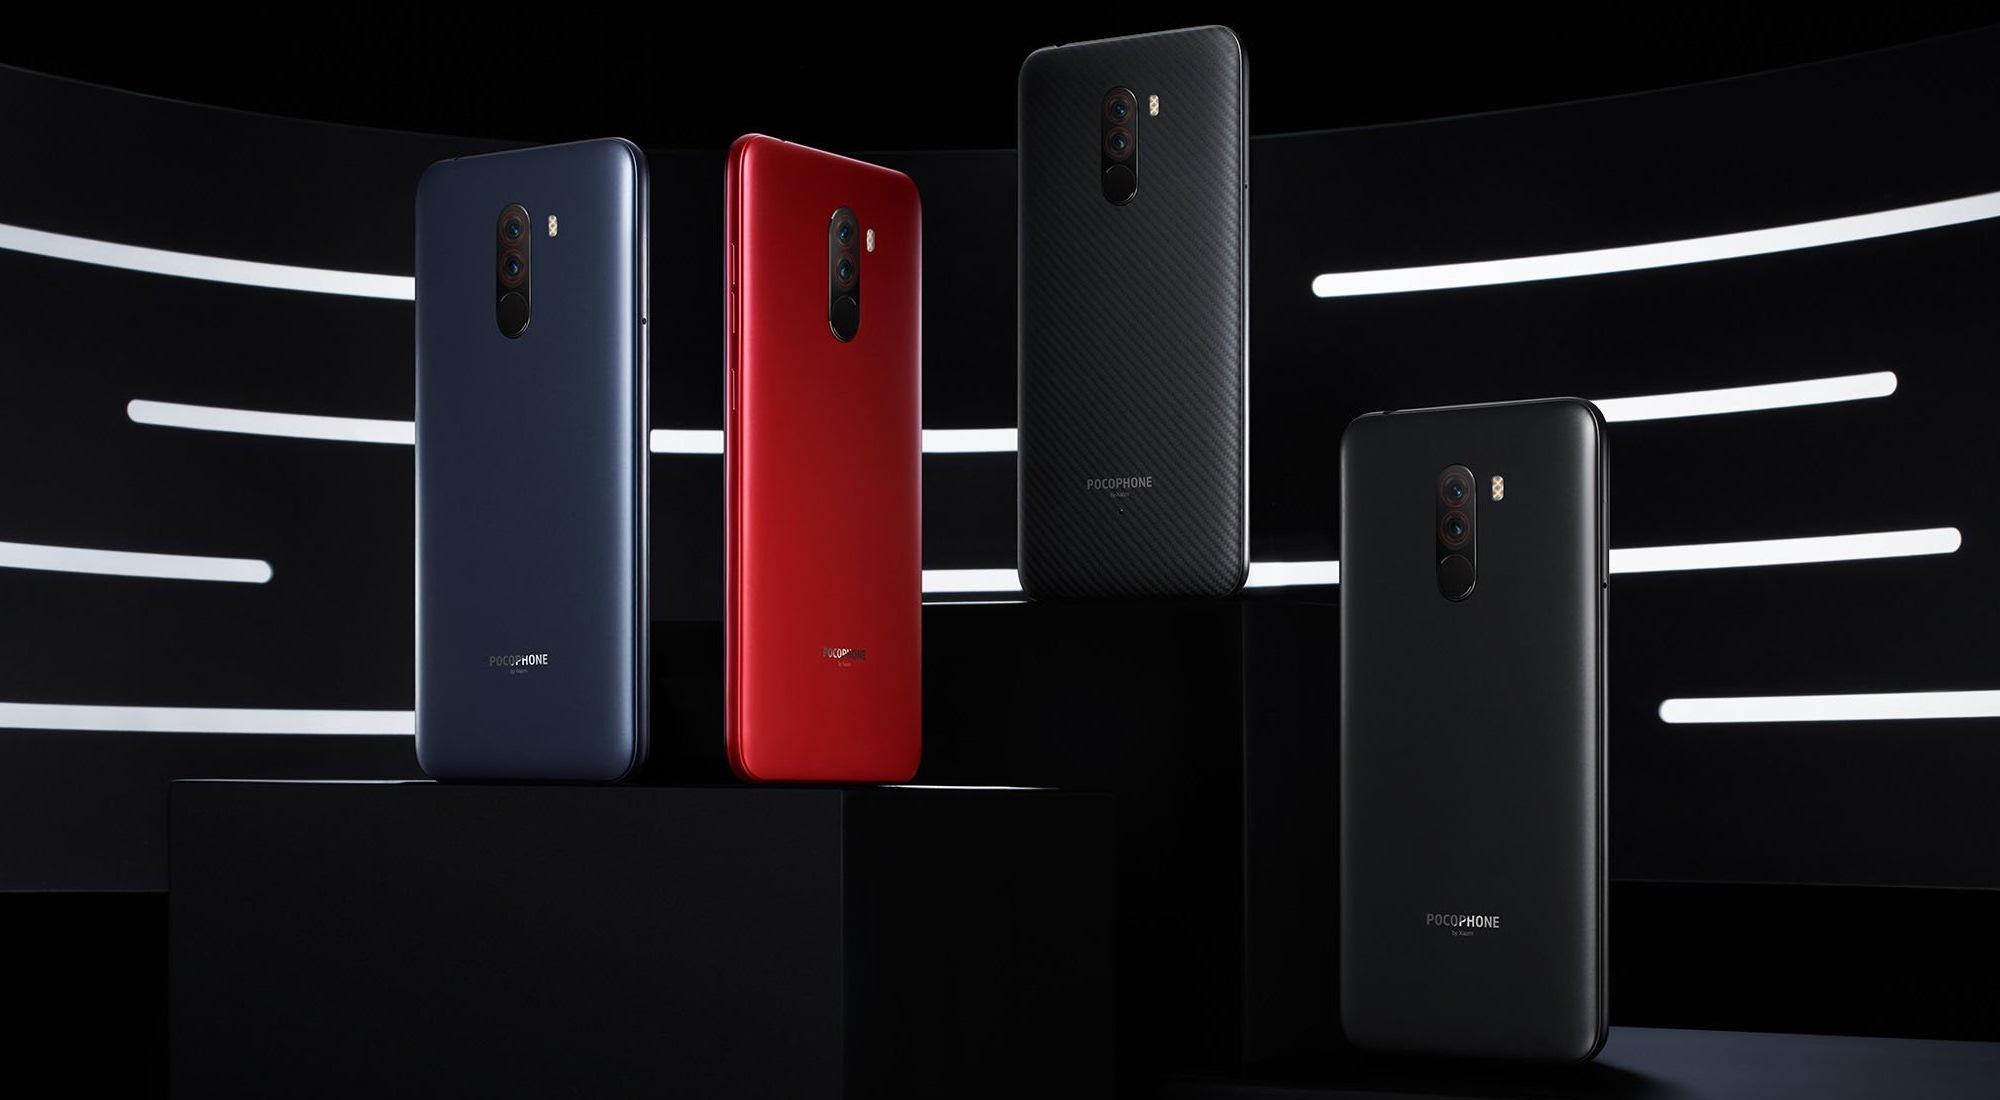 als Mittelklasse Hersteller positioniert werden man denke an den Flop ePlus X ist sozusagen in seiner Ecke gefangen Mit Pocophone erschafft Xiaomi